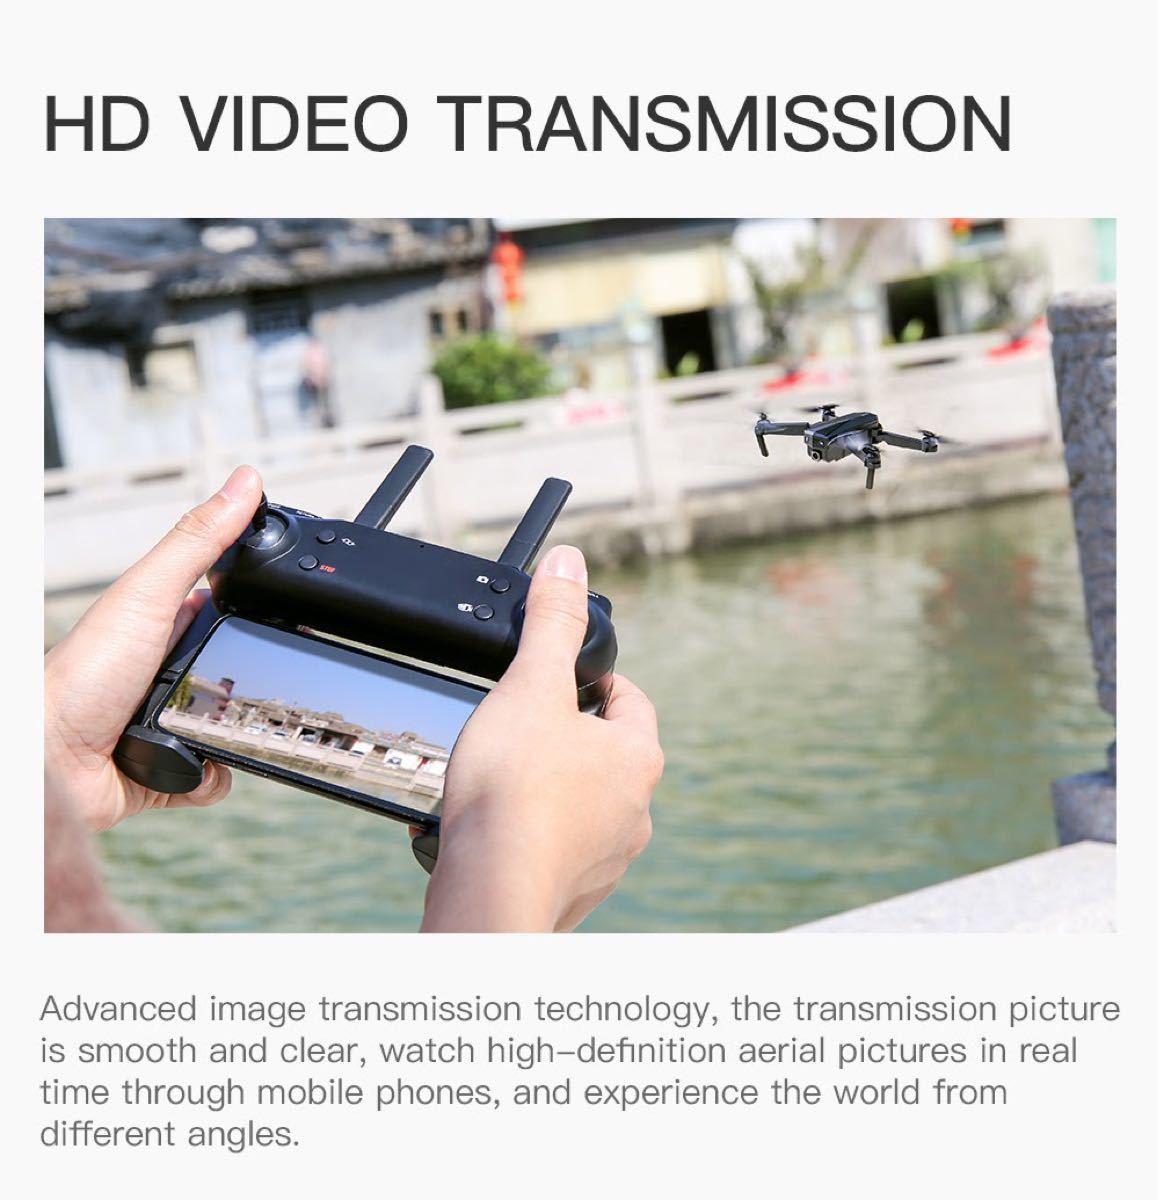 ドローン(SG107 SMART DRONE)